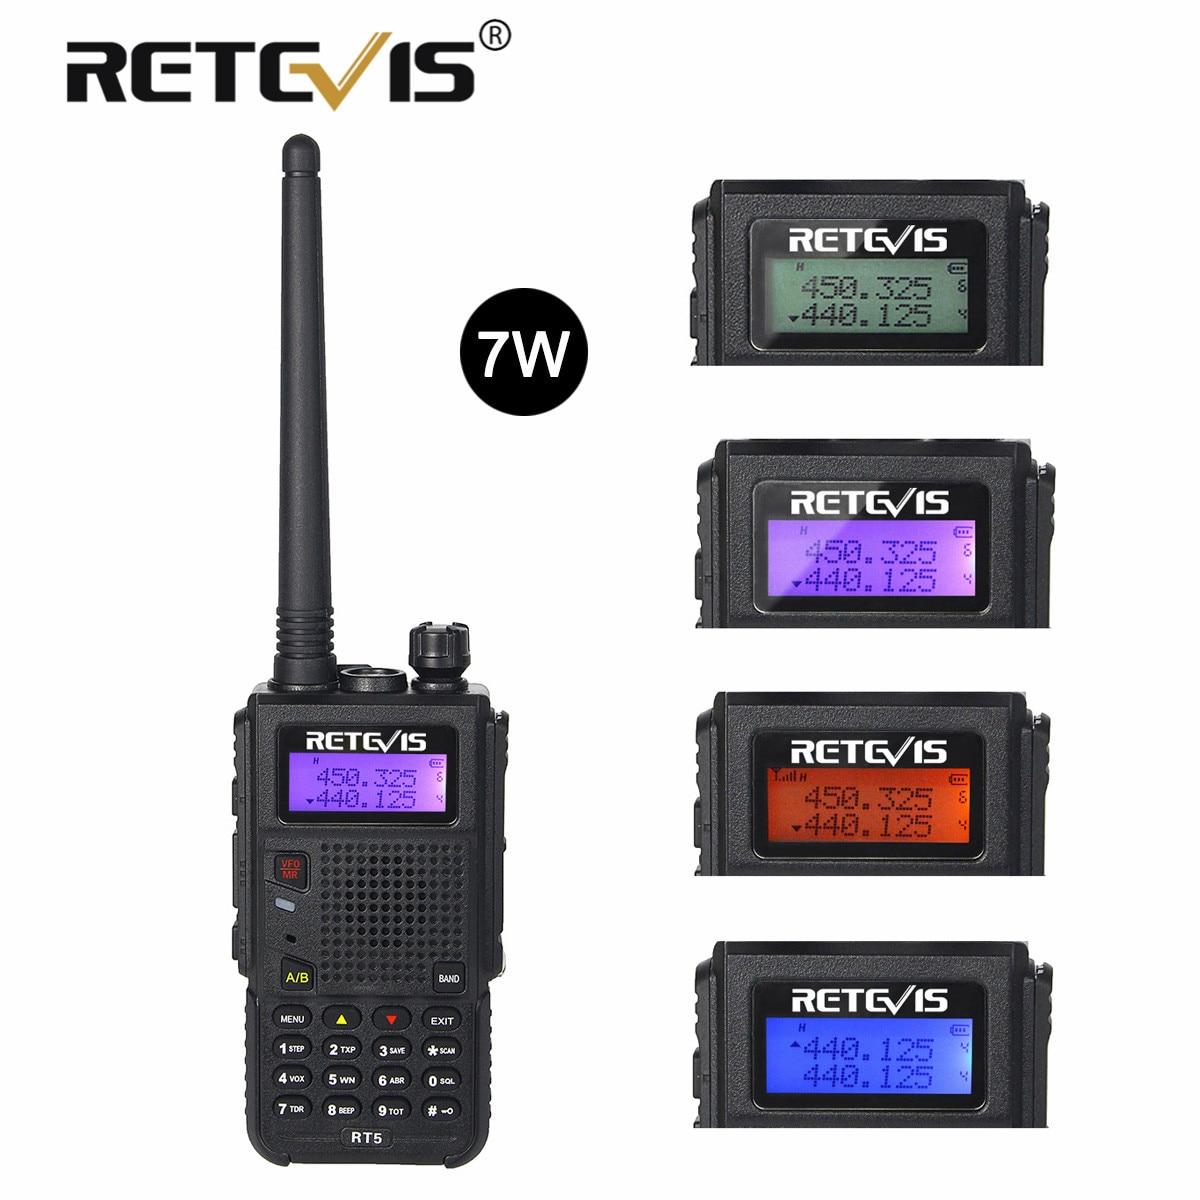 Рация Retevis RT5 Двухдиапазонная, радиостанции VOX FM, 128 каналов, 7 Вт